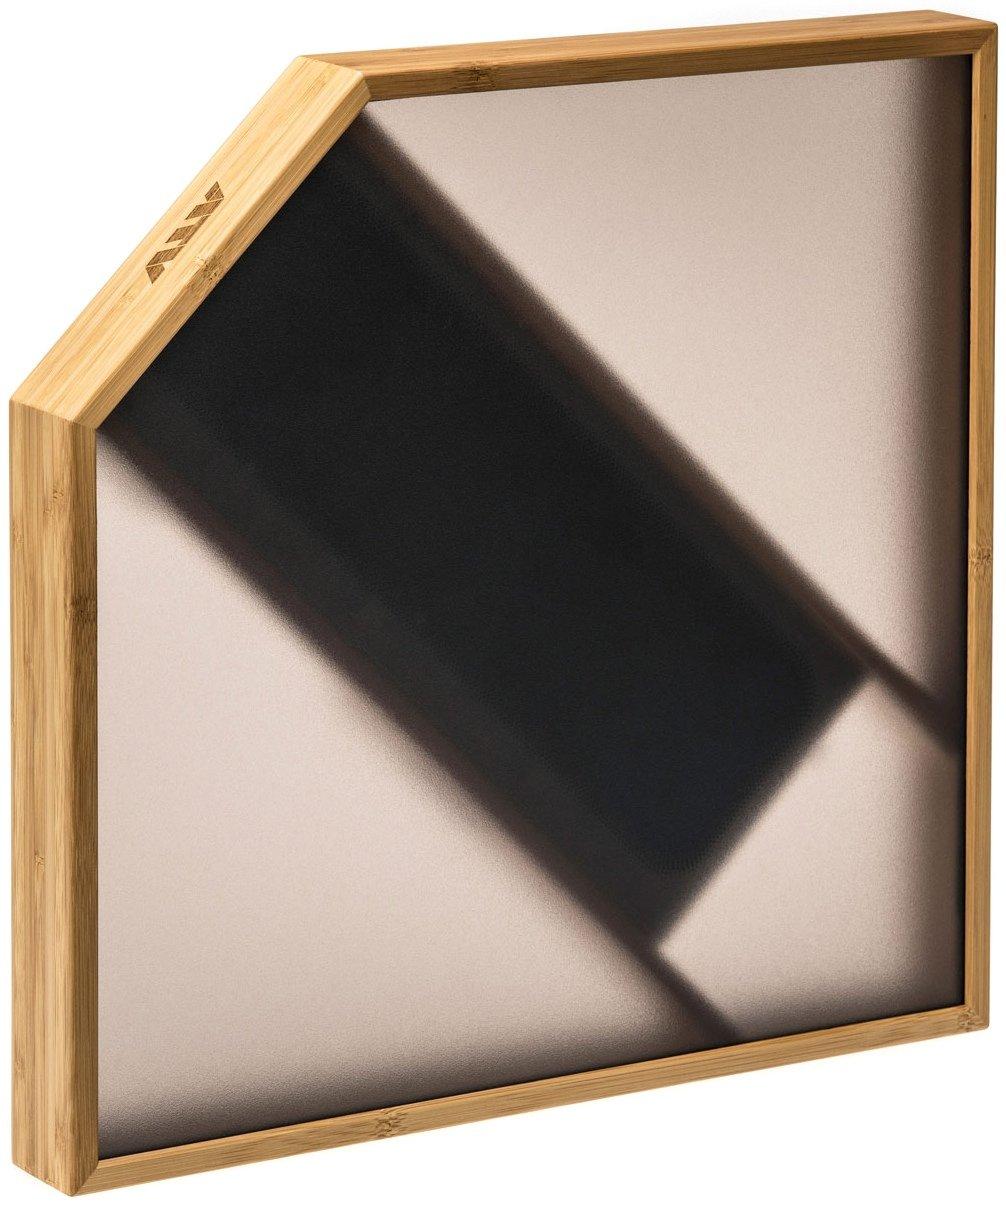 Atv aframe electrorganic frame drum sweetwater atv aframe electrorganic frame drum image 1 jeuxipadfo Choice Image